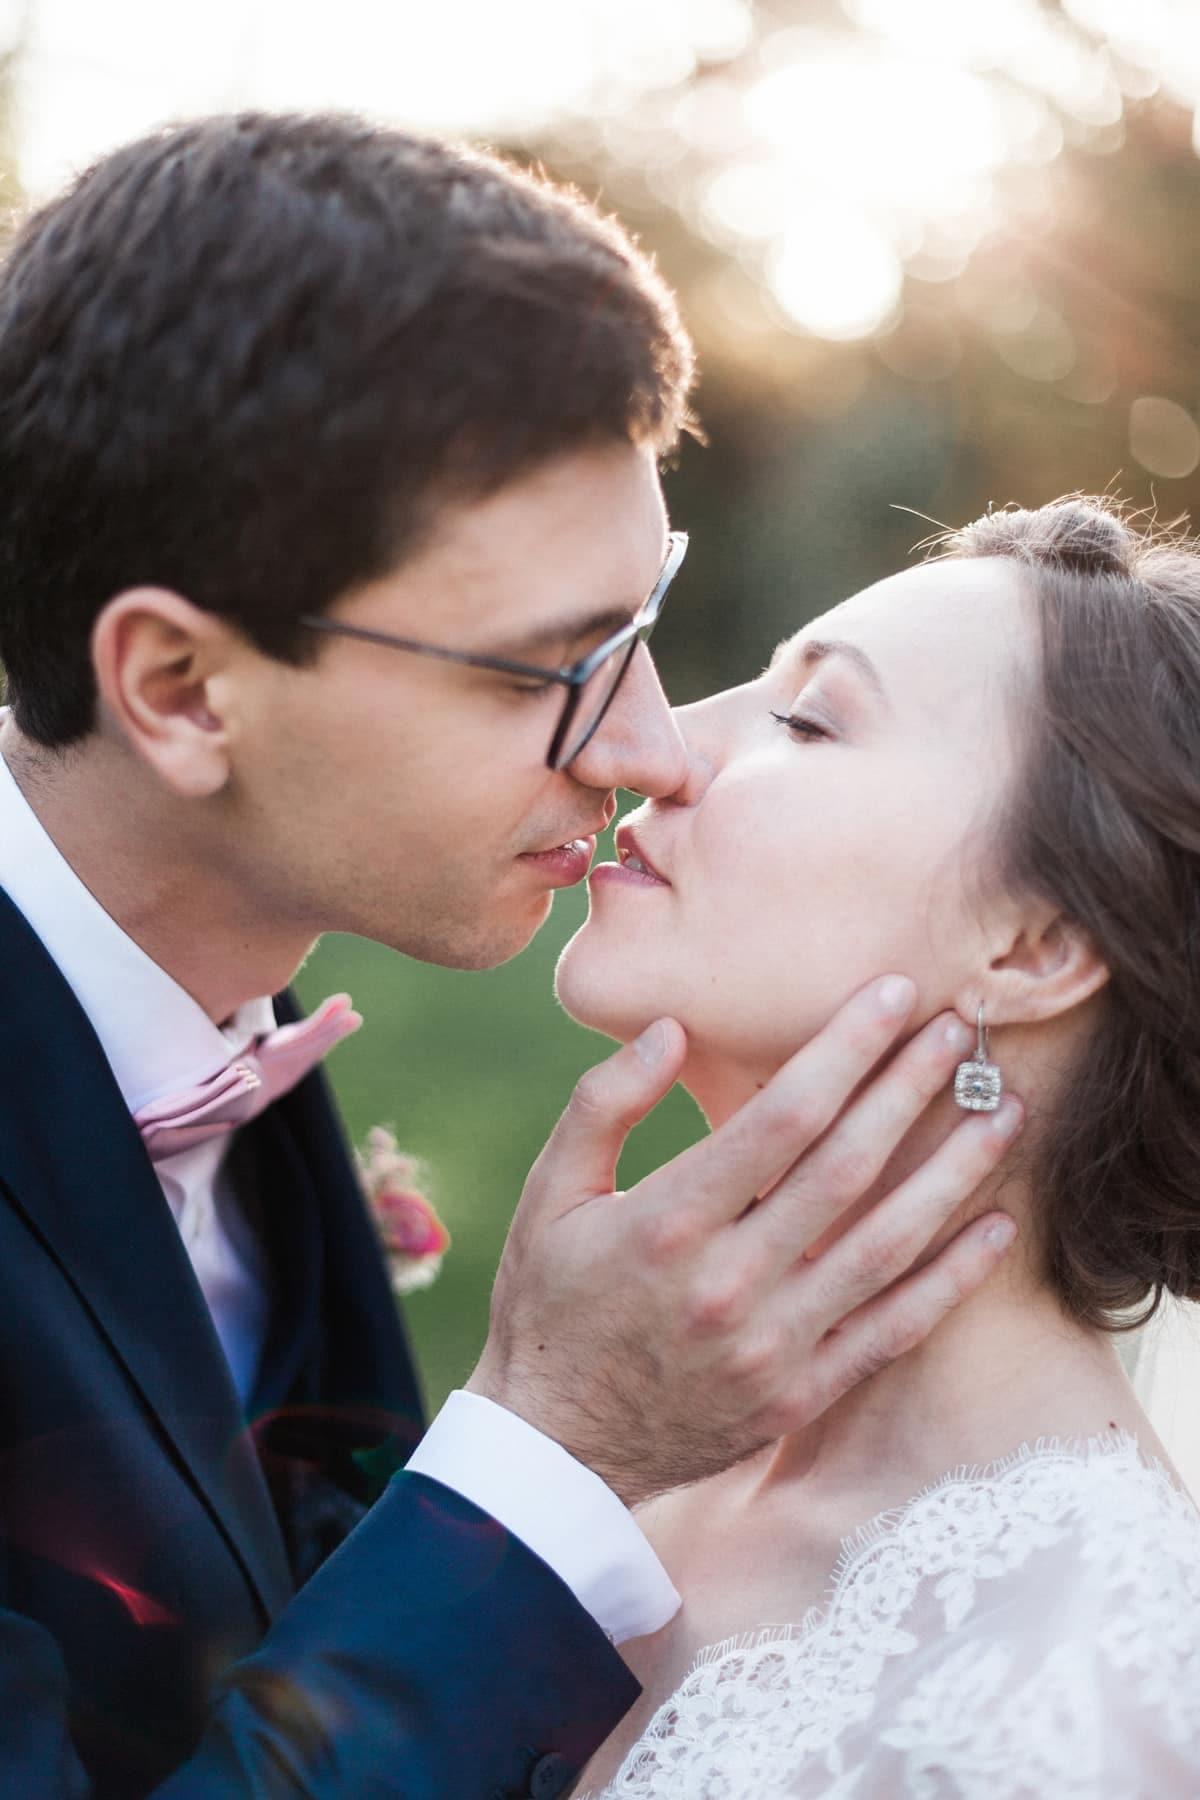 Photographe de mariage à Bordeaux : couple d'amoureux qui s'embrassent avec tendresse lors d'un mariage franco russe